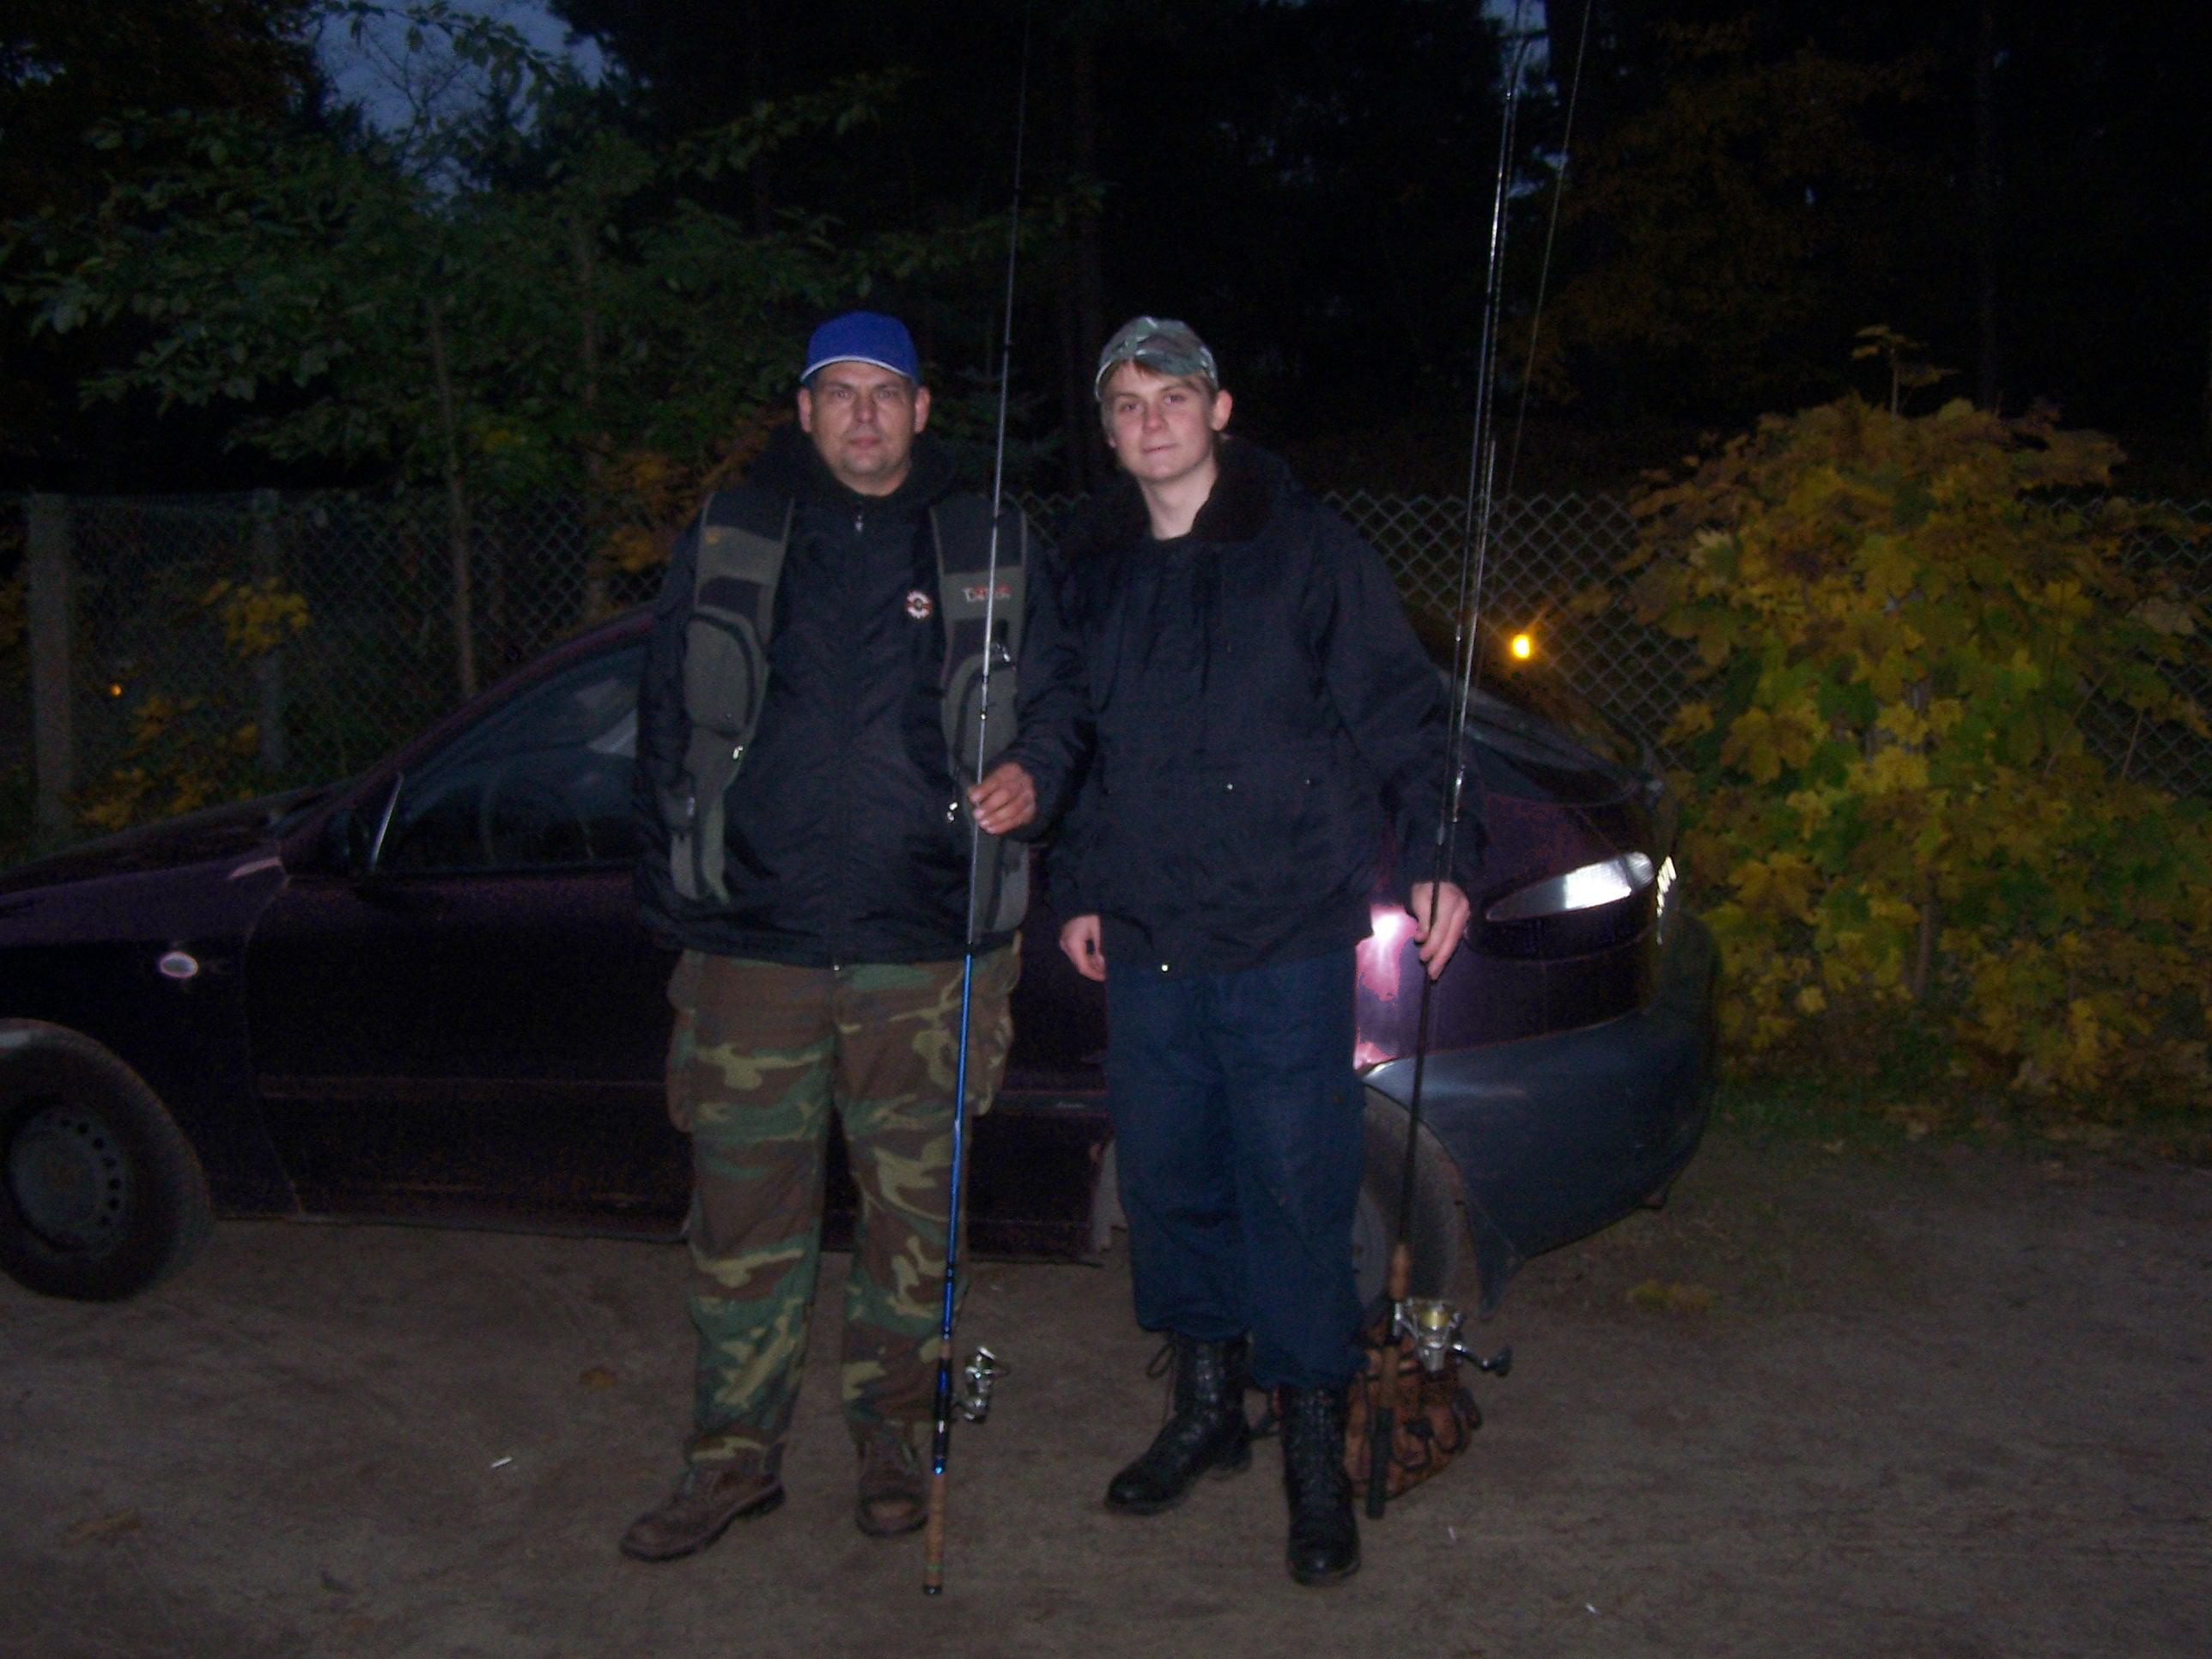 pikefinder.pl/upload_img/56913_100_6616.JPG